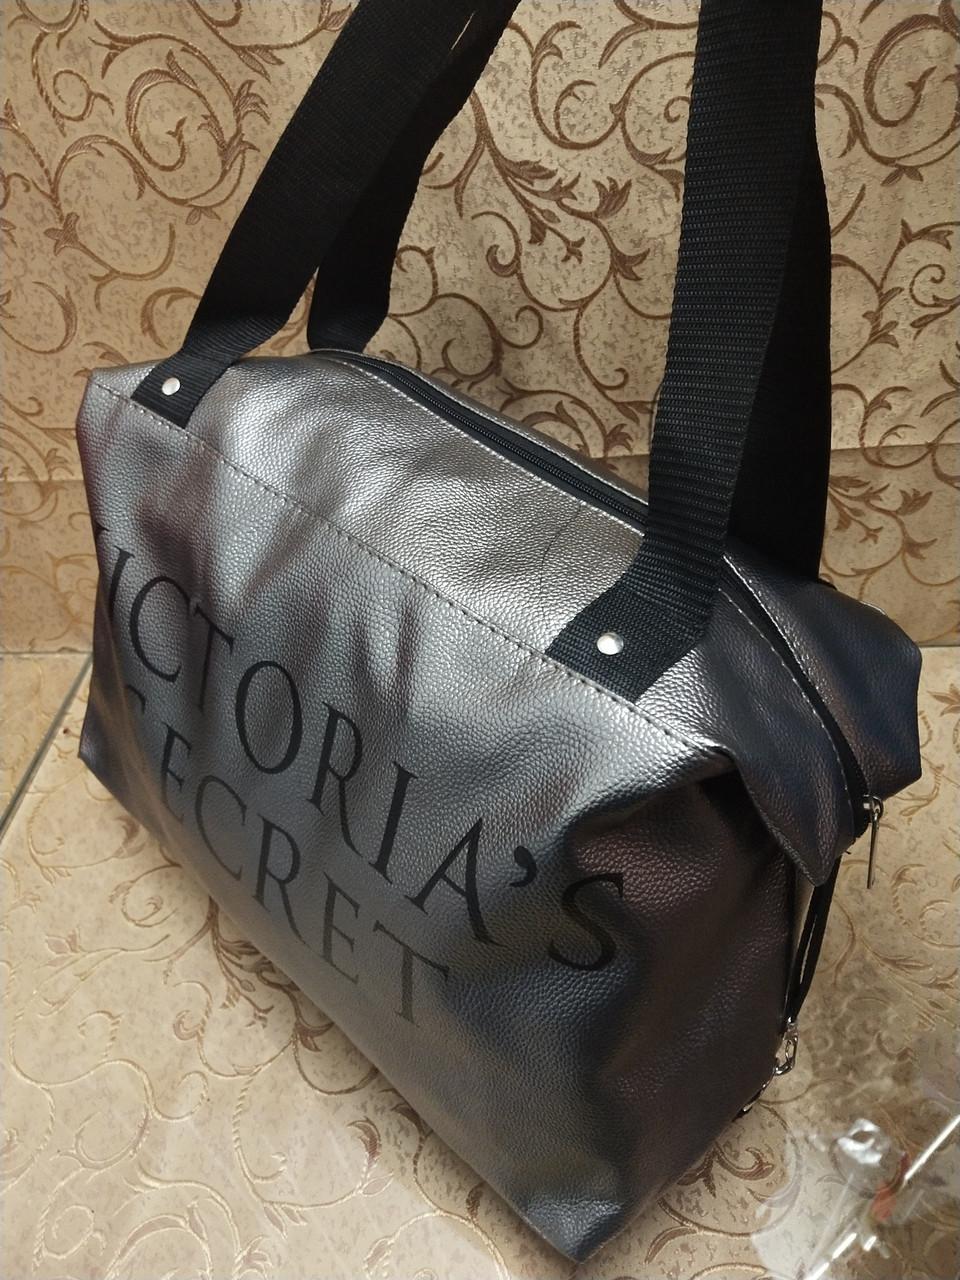 9017872a216ef Женские сумка victoria's secret искусств кожа стильная только оптом -  интернет магазин Сумки-мода в